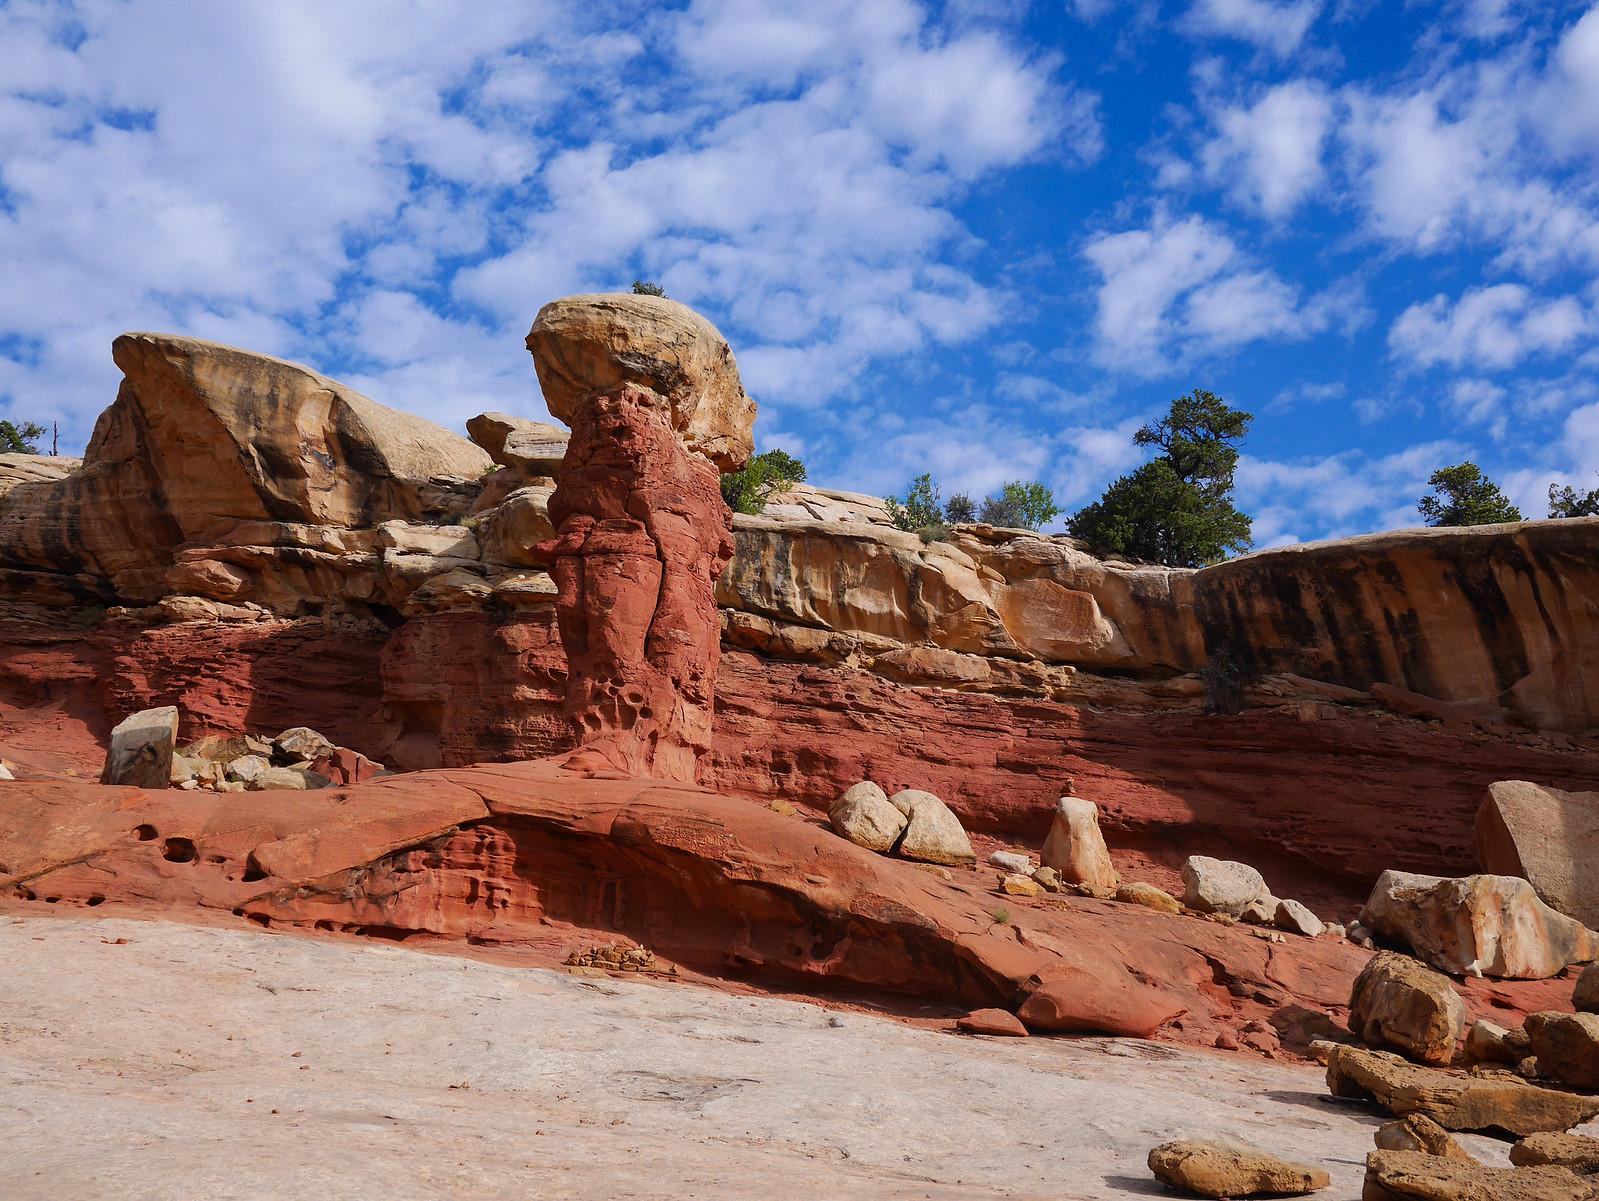 Hoodoo in Cohab Canyon